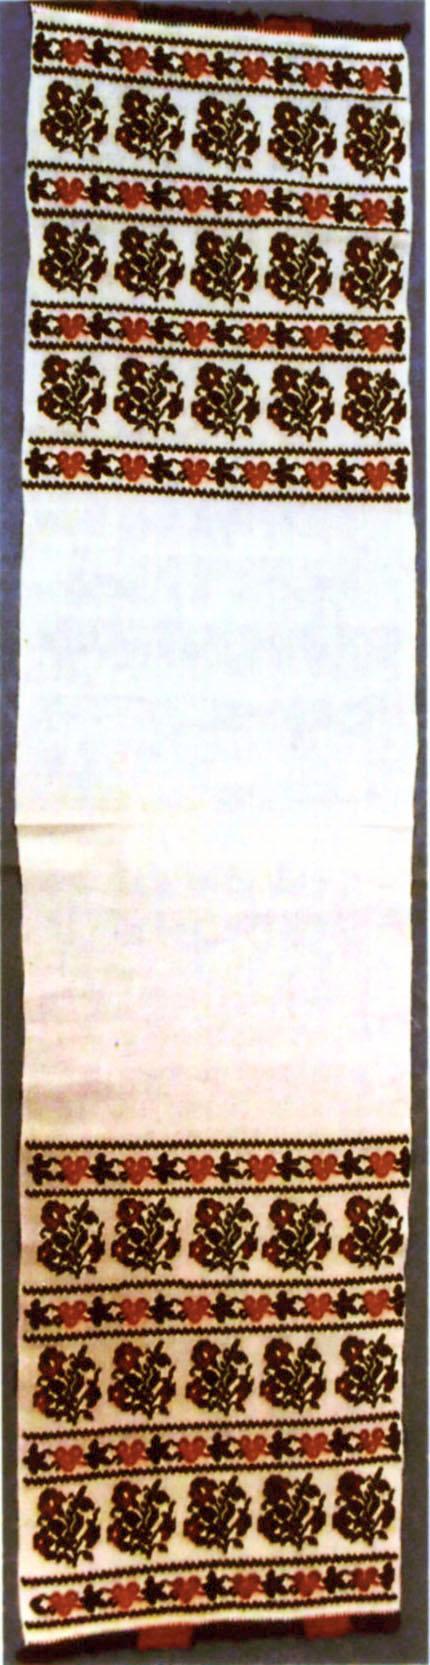 Ştergar; Prosop cu flori - Muzeul Viticulturii şi Pomiculturii - GOLEŞTI (Patrimoniul Cultural National Mobil din Romania. Ordin de clasare: 2879/04.09.2019 - Fond)